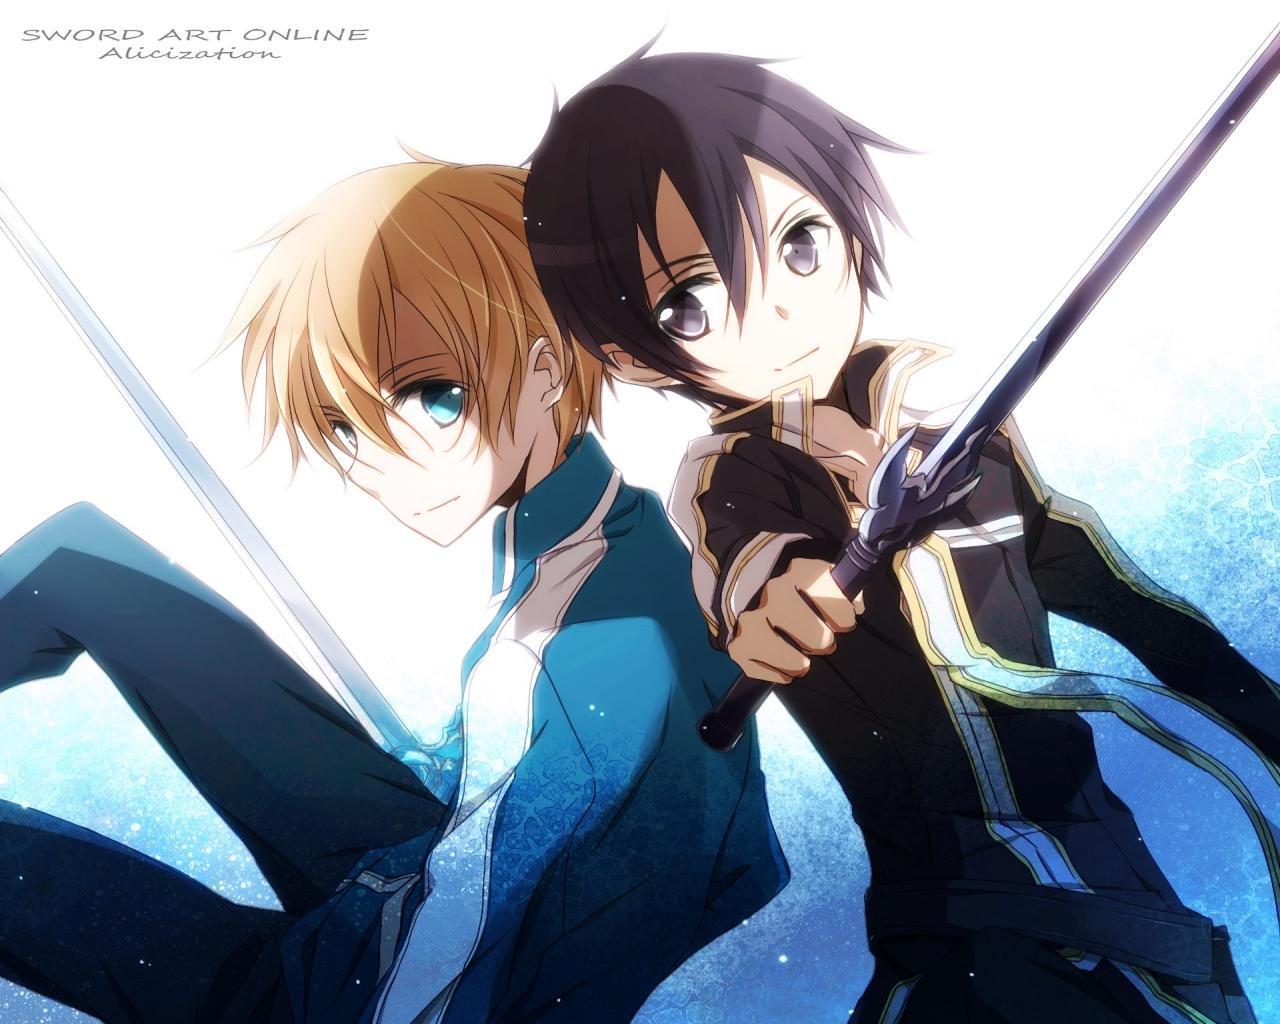 Anime images wallpaper anime sword art online alicization - Sword art online alicization wallpaper ...